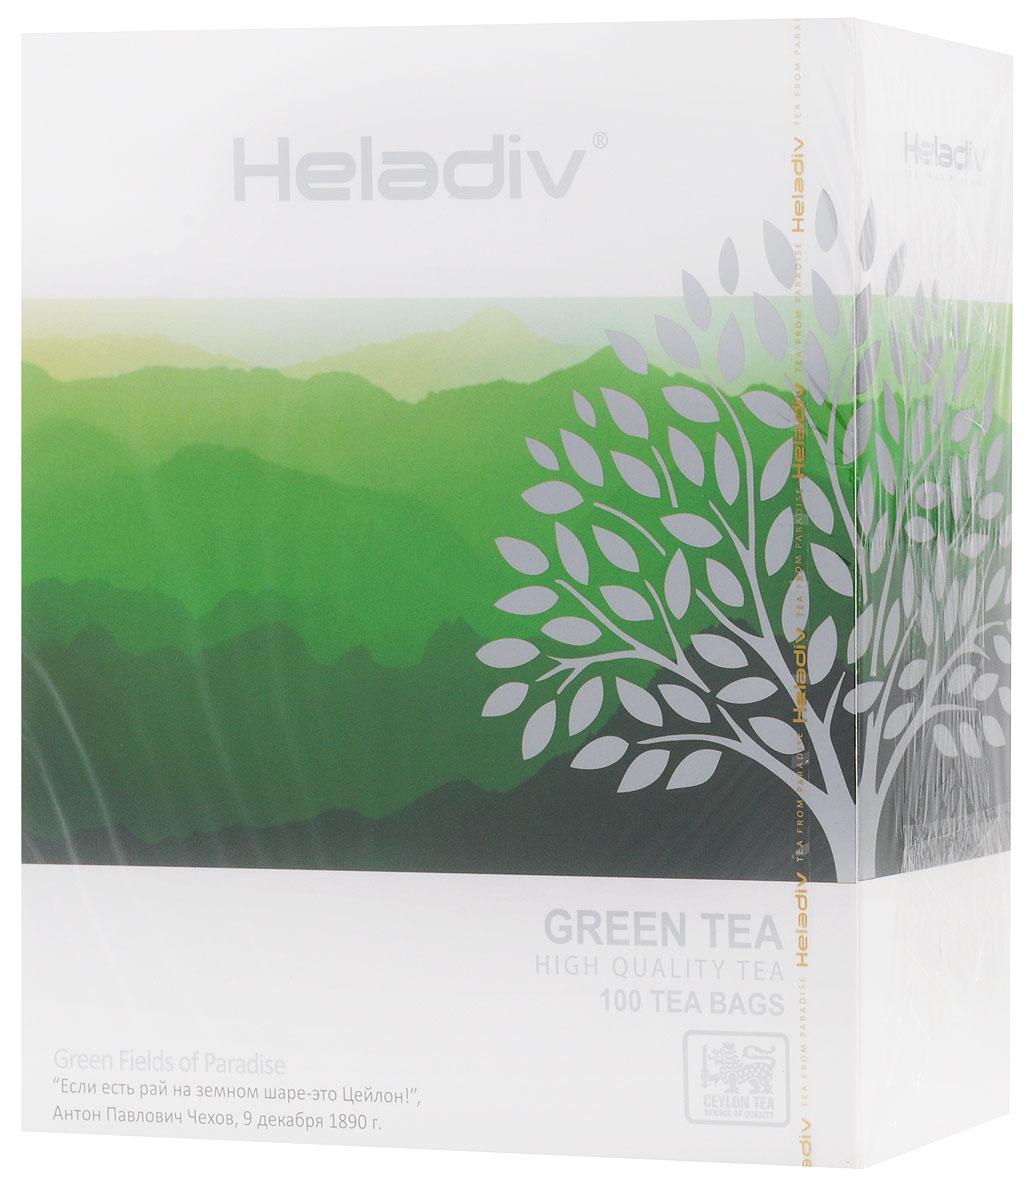 Heladiv Green Tea чай зеленый в пакетиках, 100 шт4791007008293Превосходный зеленый чай Heladiv обладает приятным насыщенным вкусом, изысканным ароматом и настоем золотистого цвета.